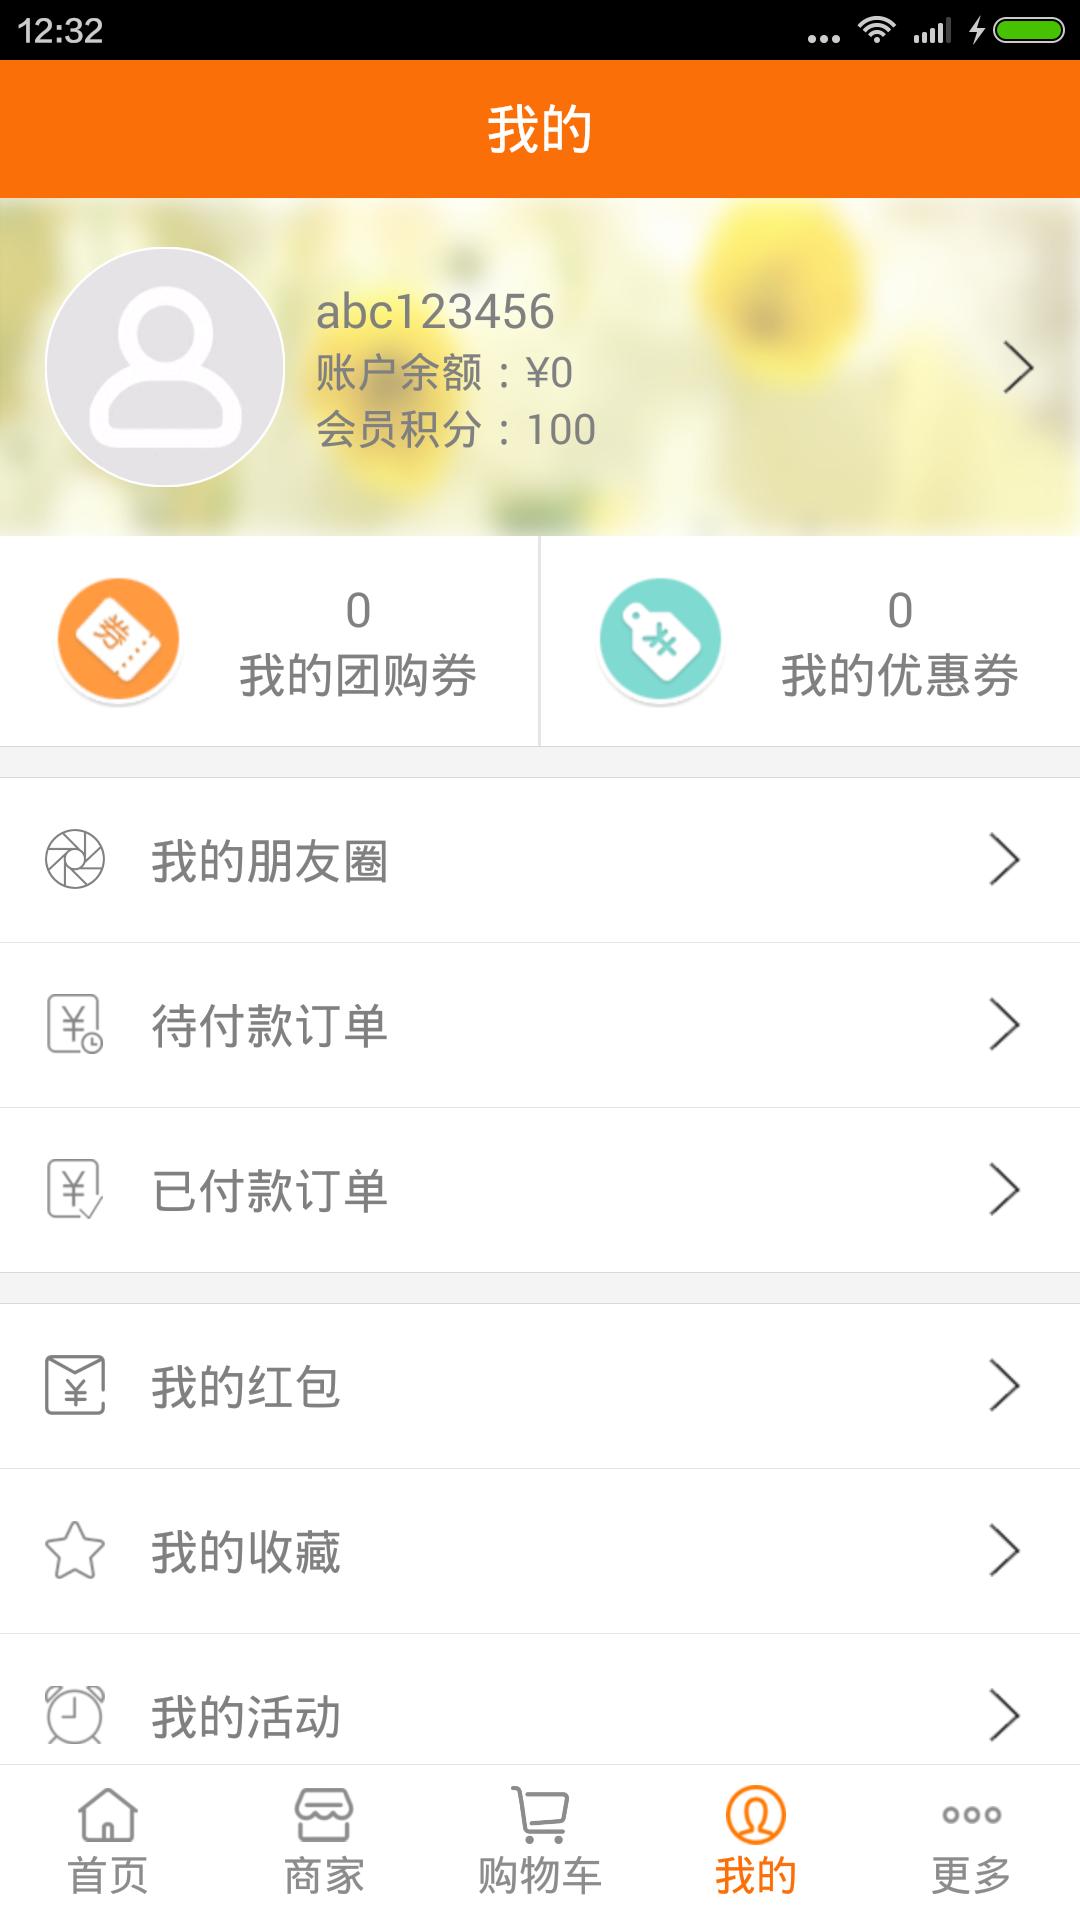 慧妈宝母婴 V4.7.12 安卓版截图4